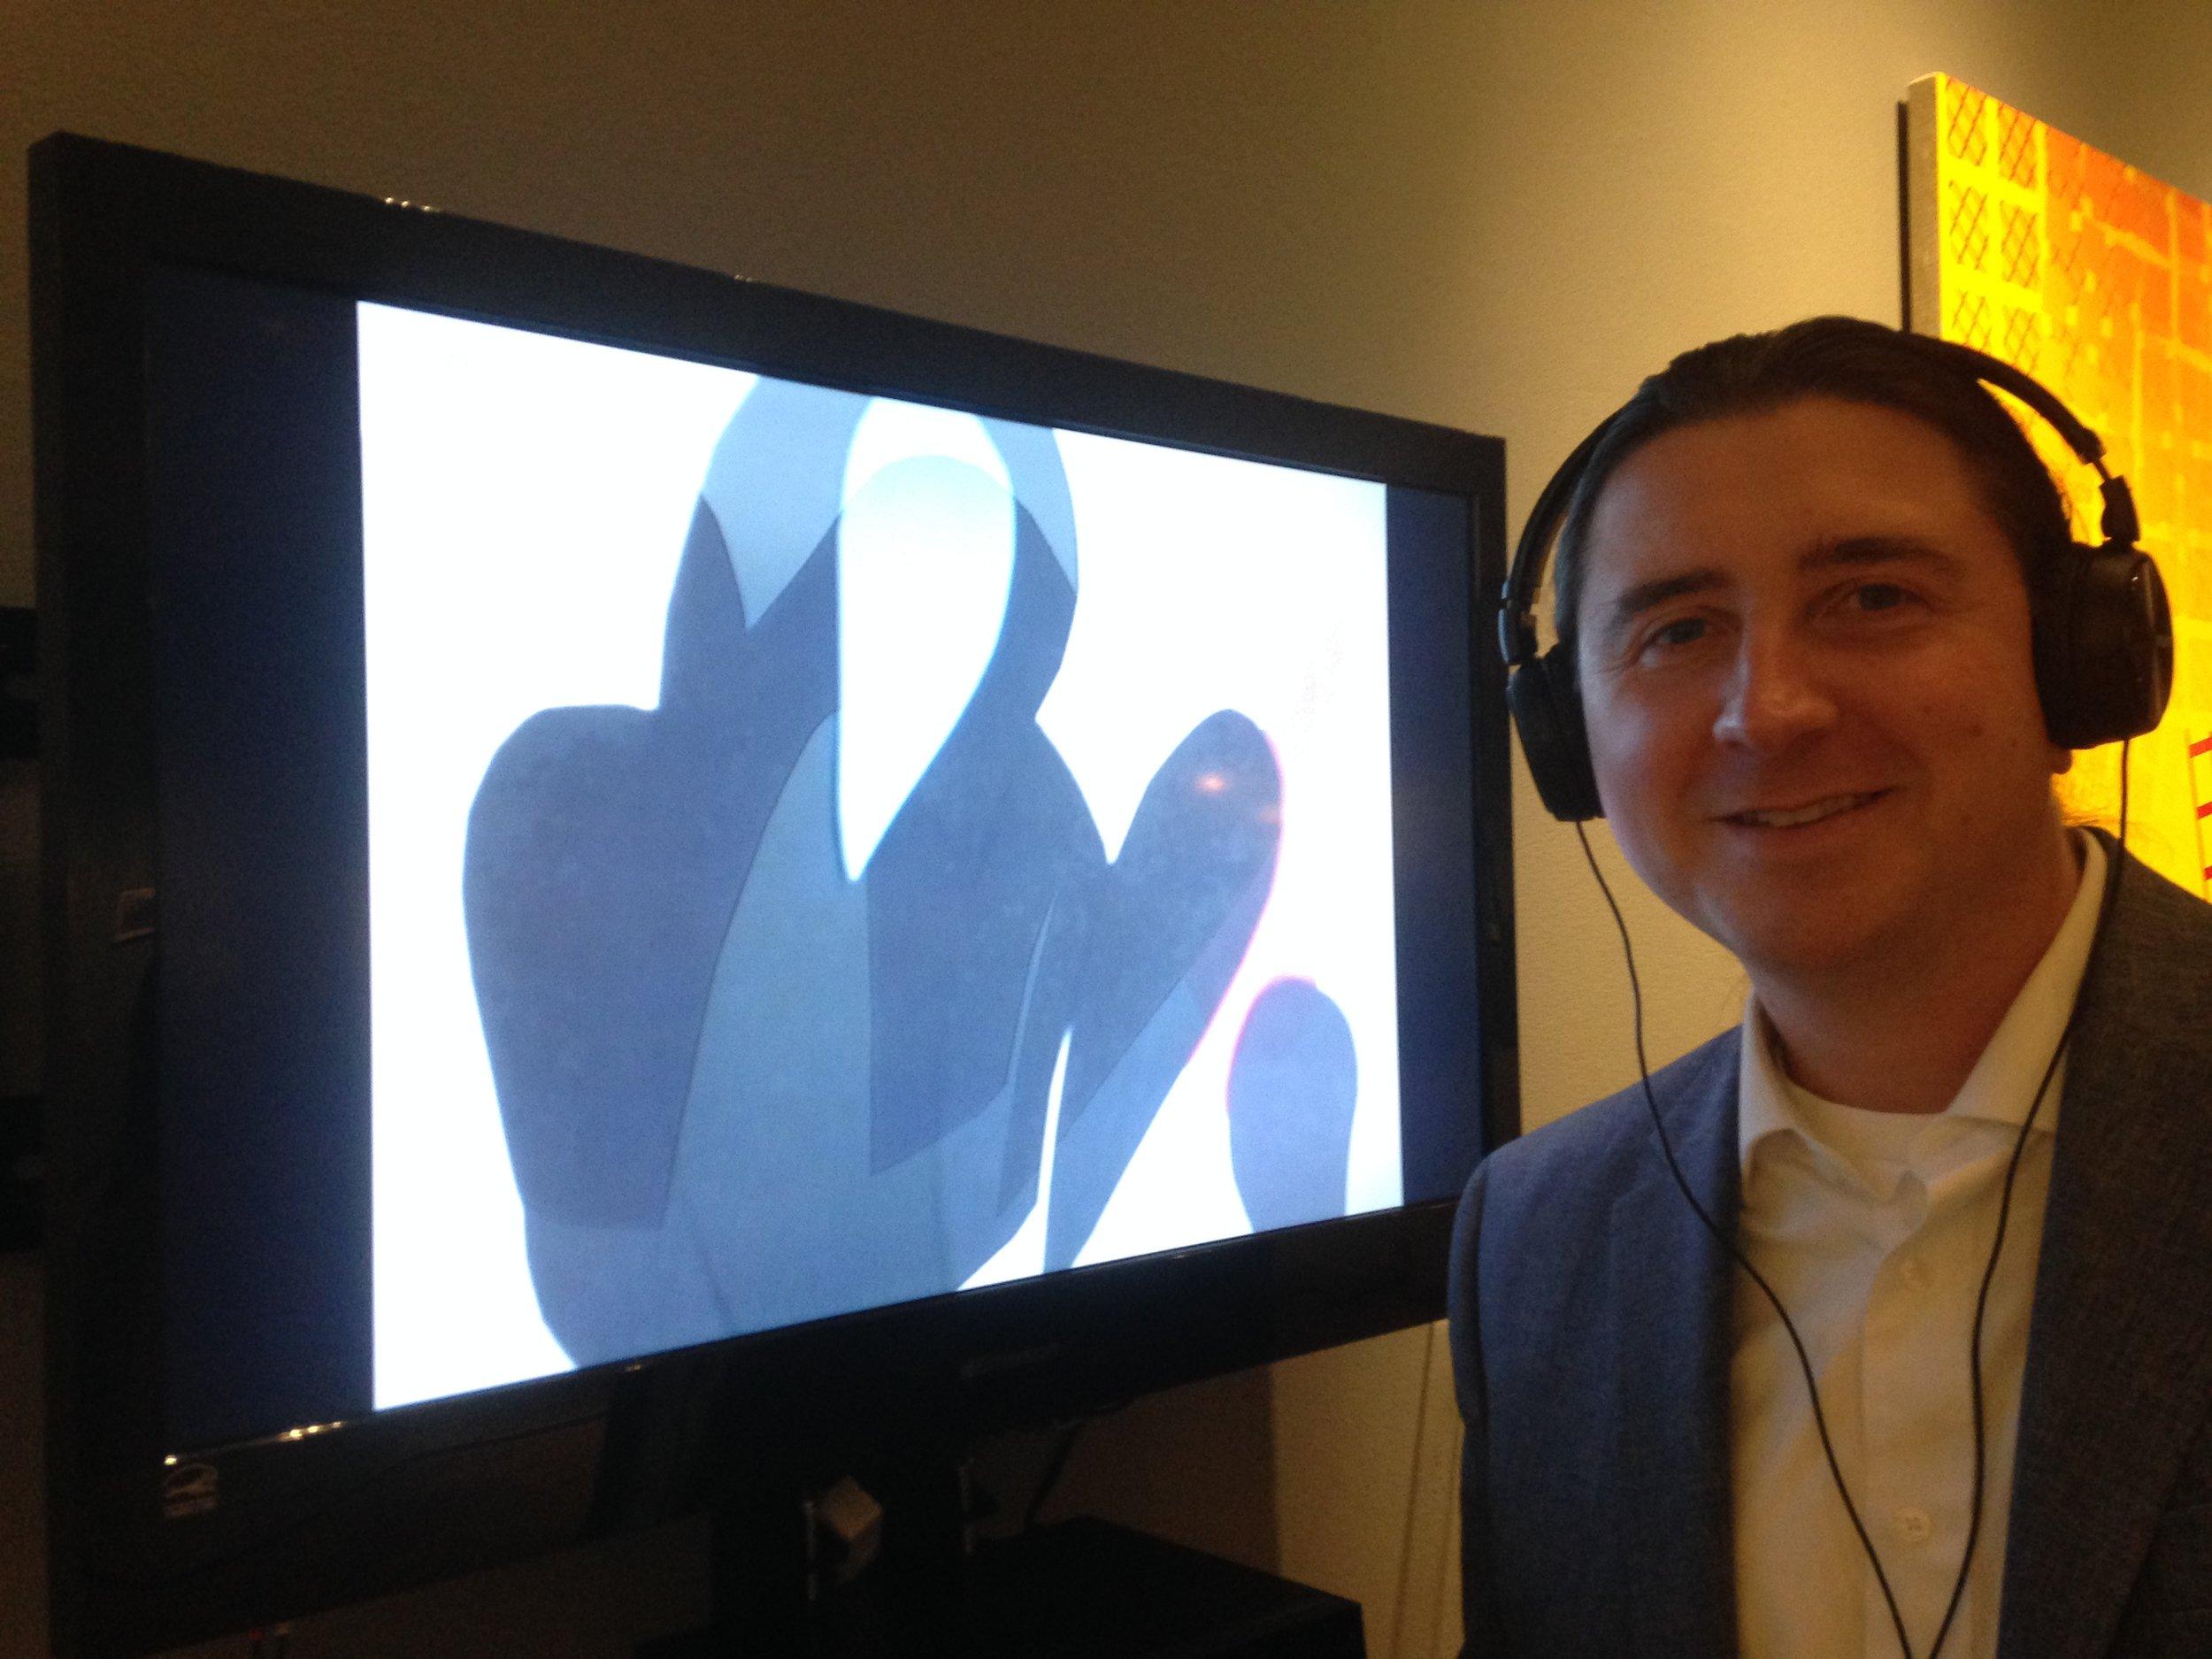 Audio/Video Exhibited